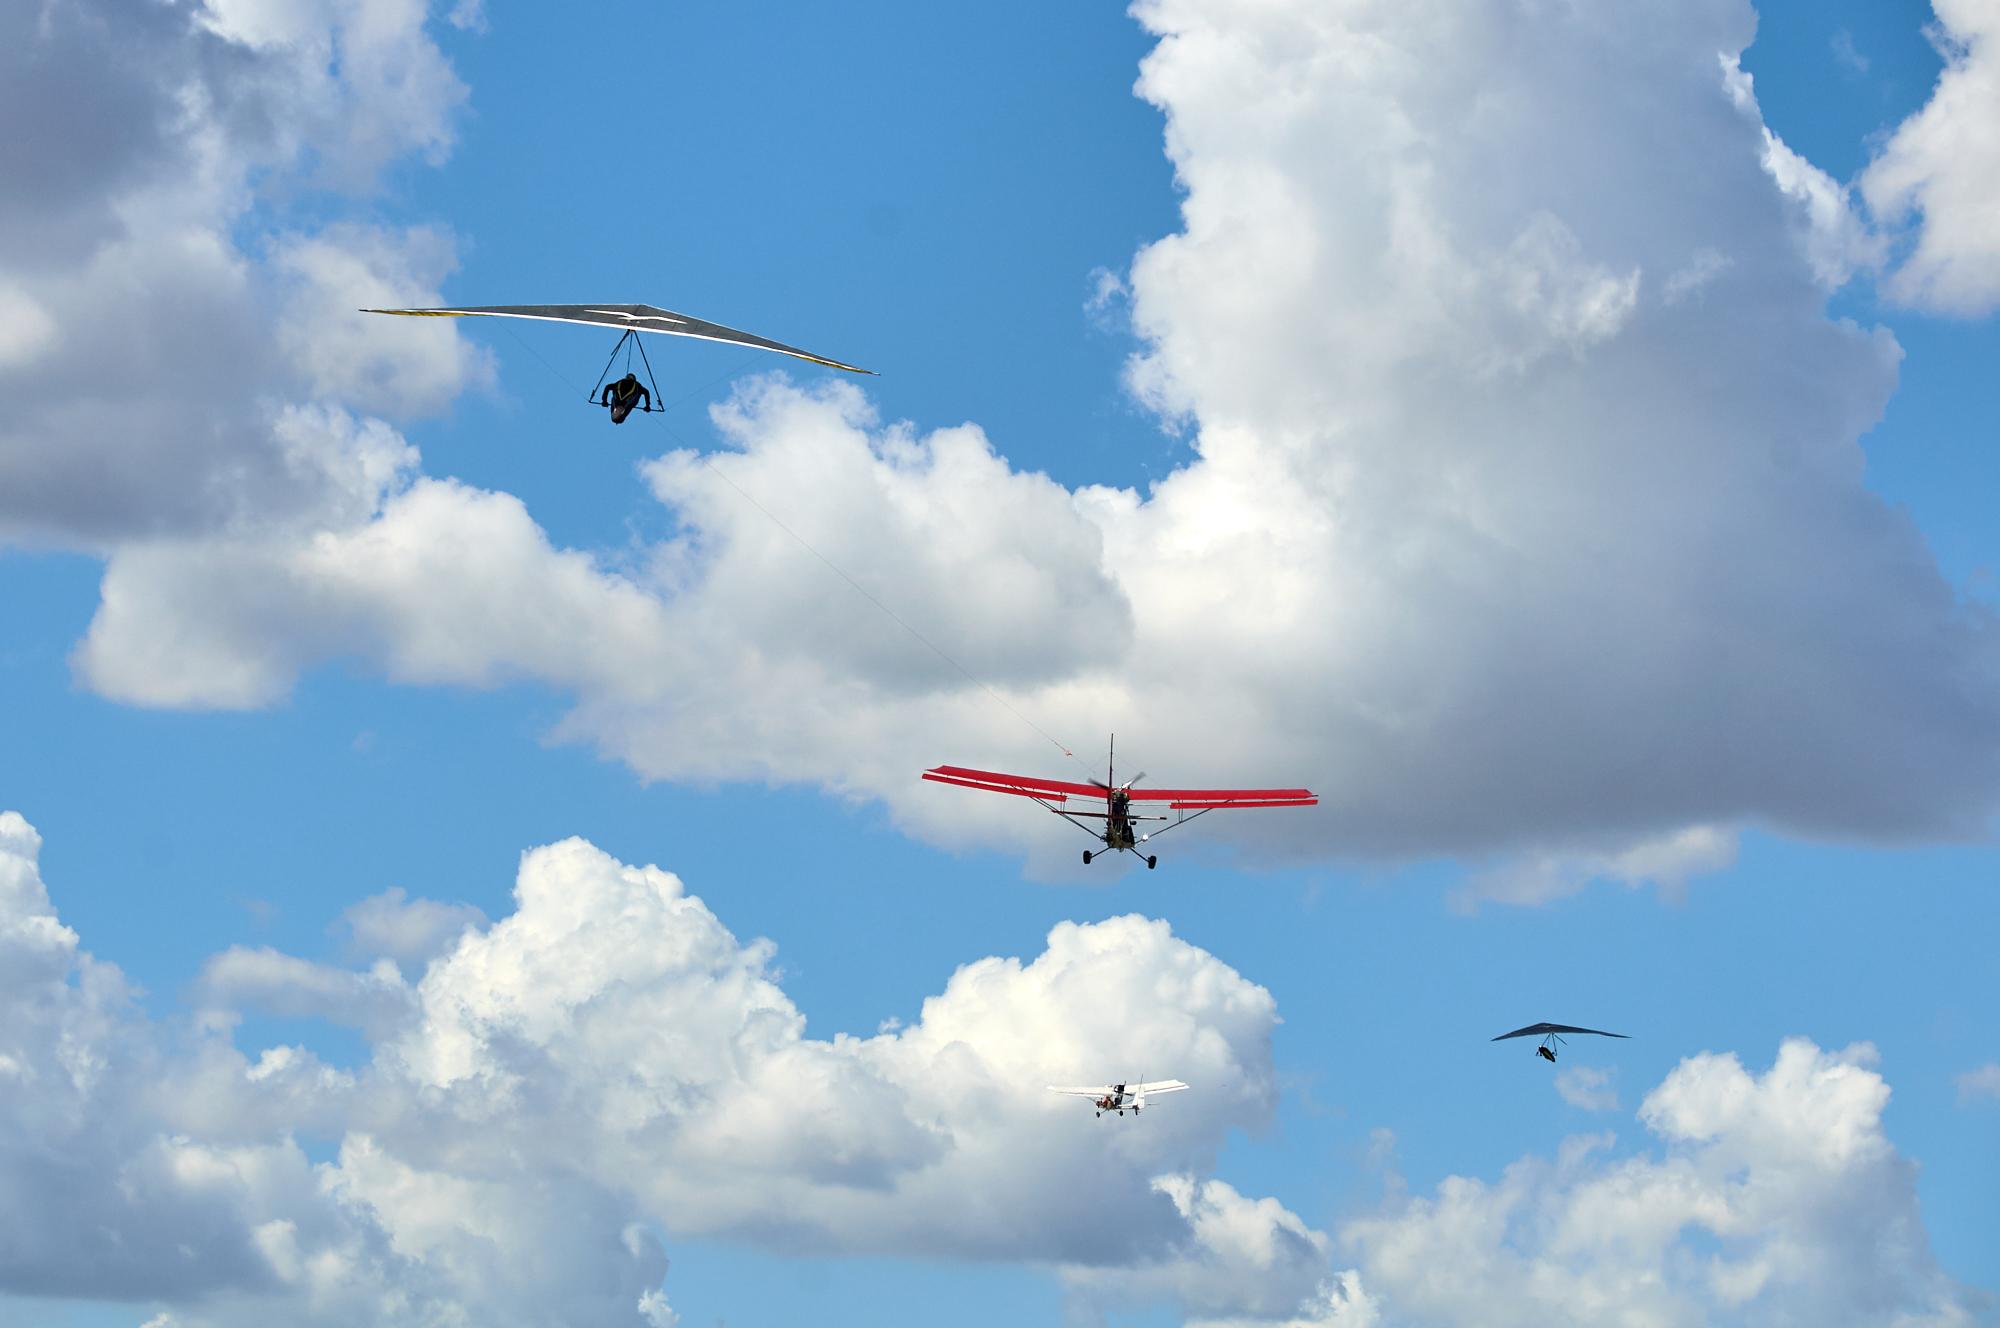 Dalby Big Air, day 1 ~ Первый день соревнований в Далби